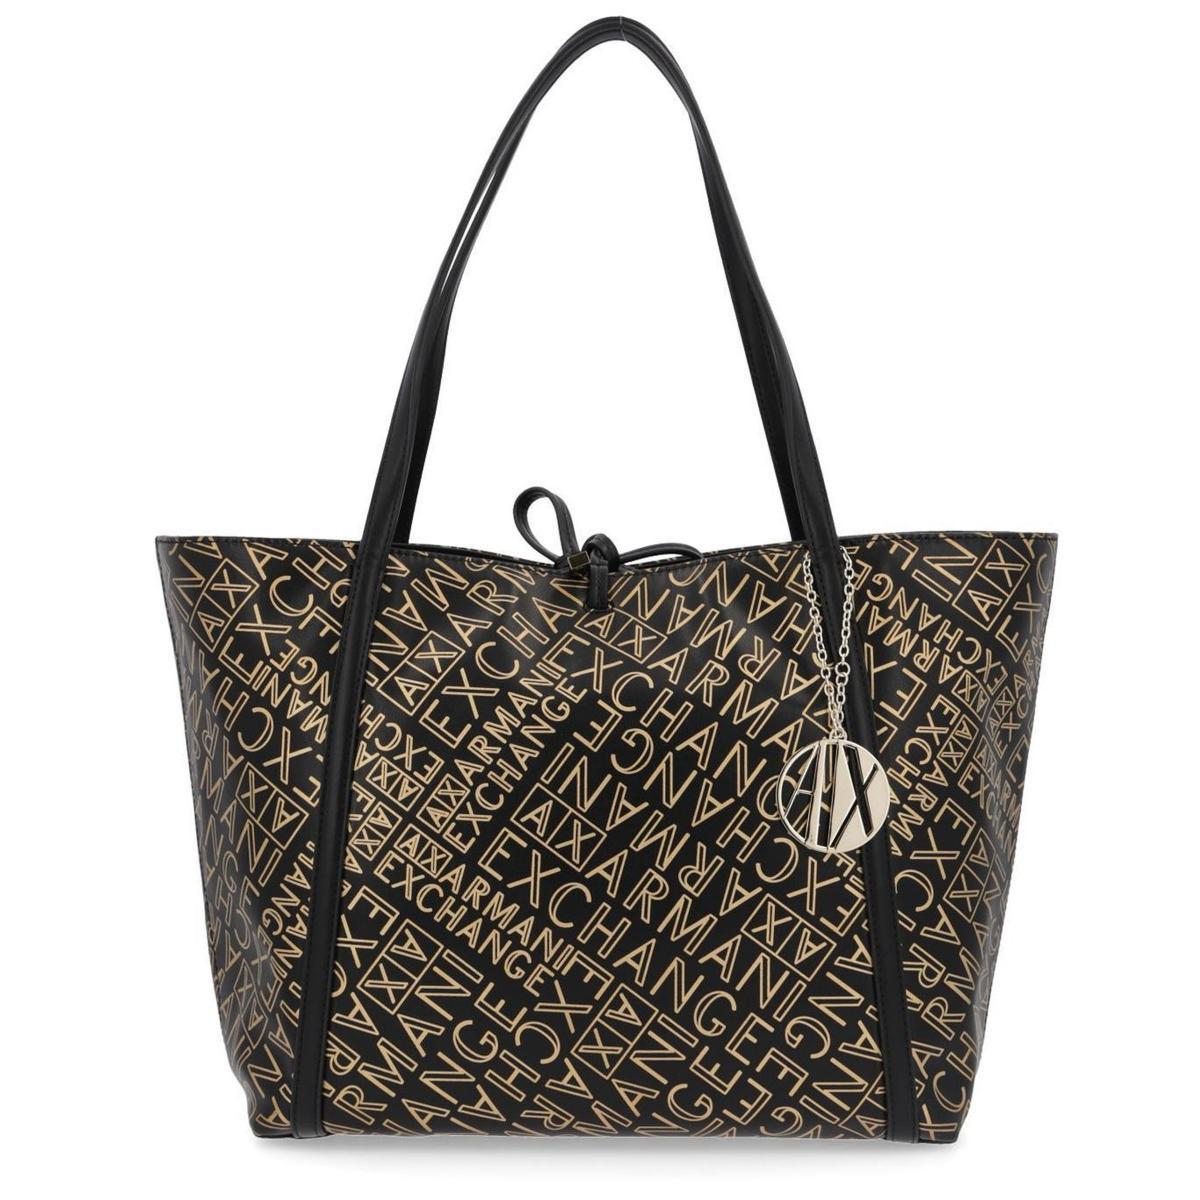 Borsa Armani Exchange Shopper Bag da donna rif. 942121 CC734